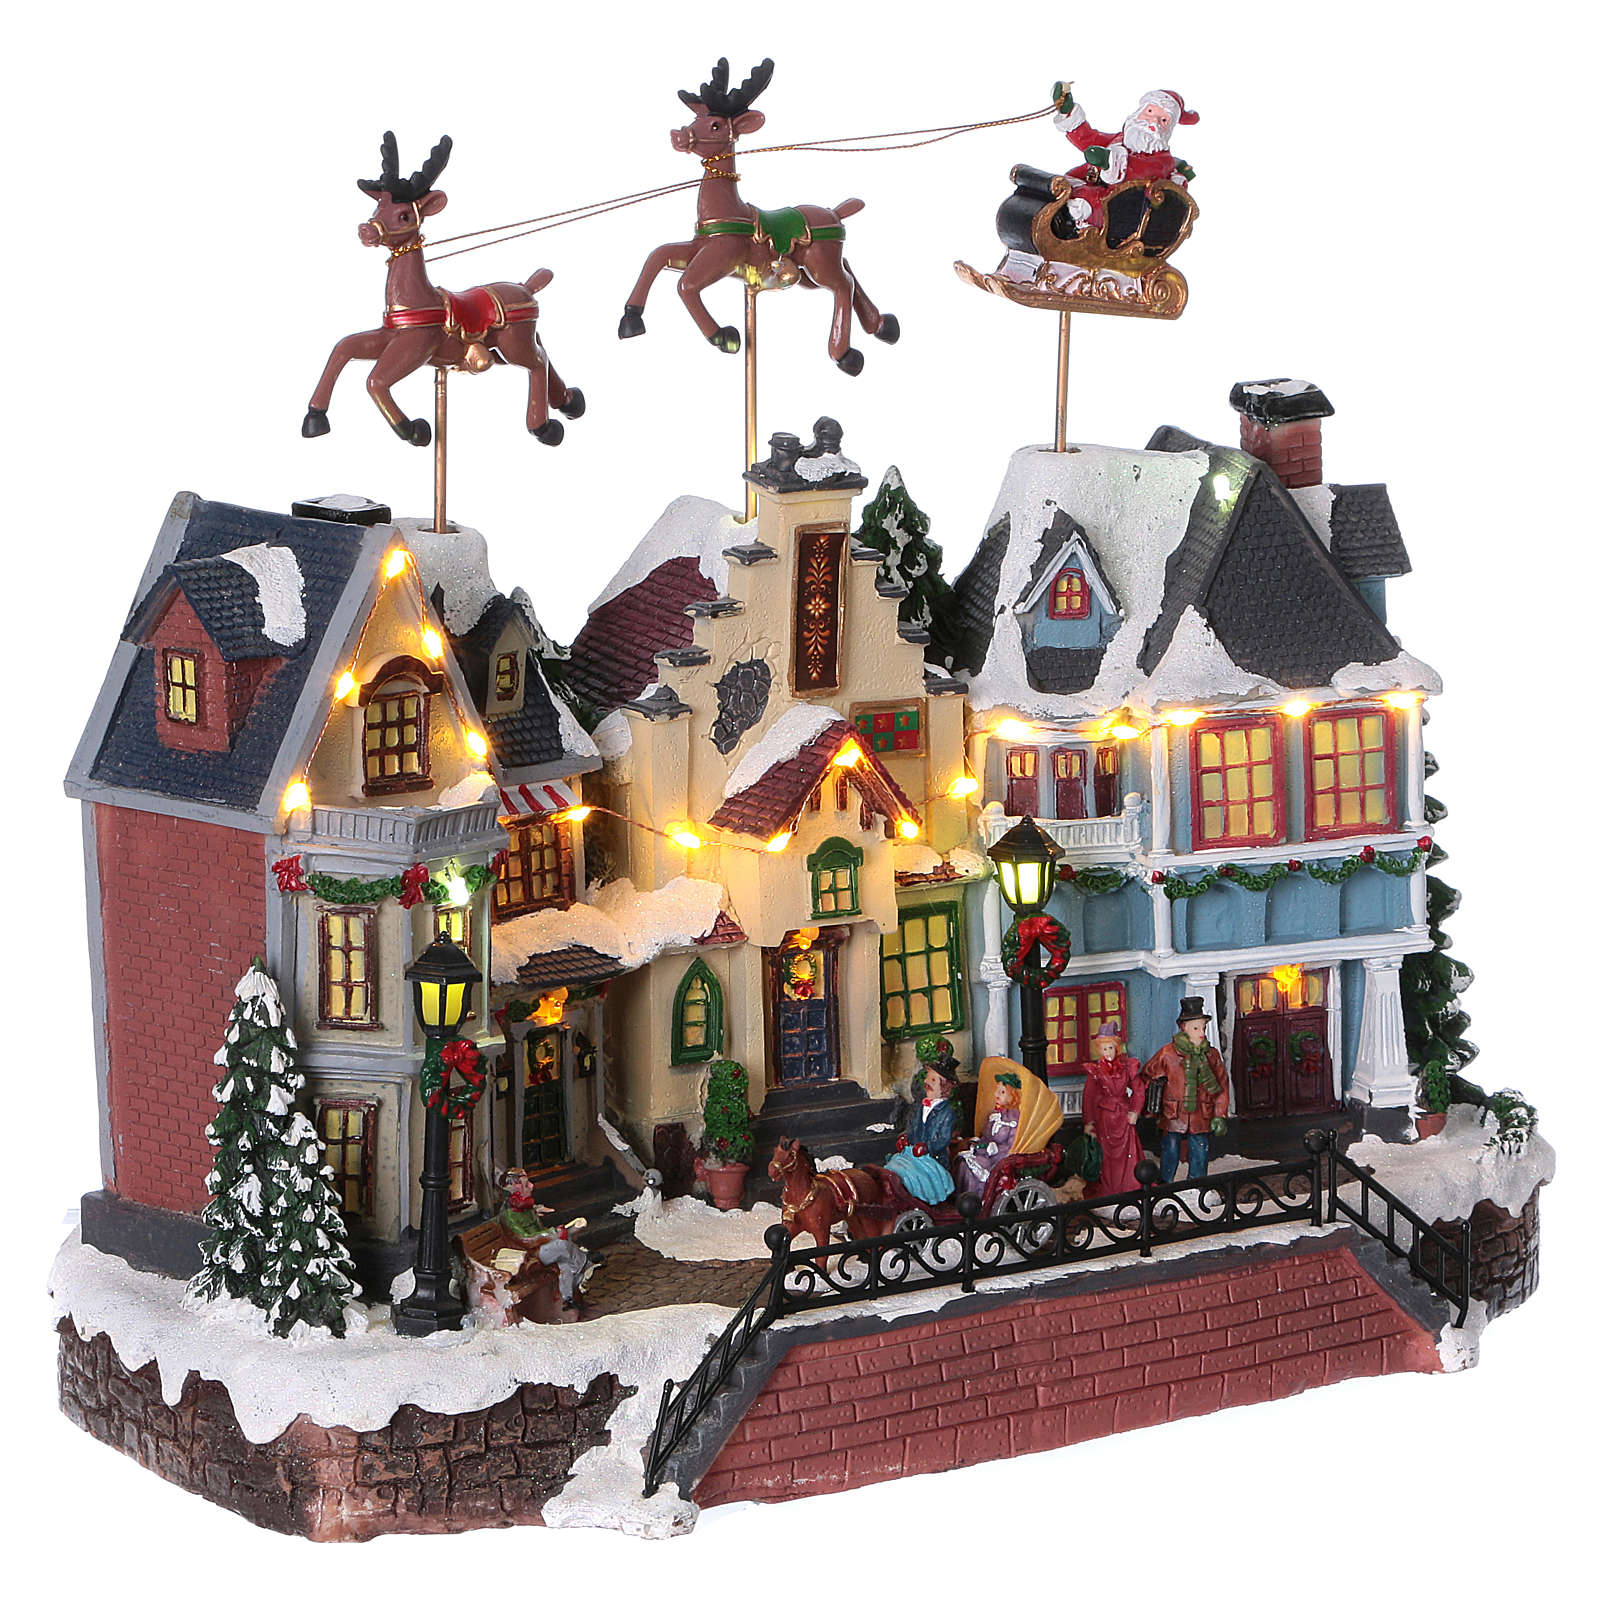 Villaggio di Natale Babbo Natale renne movimento 30x35x20 luci musica corrente 3